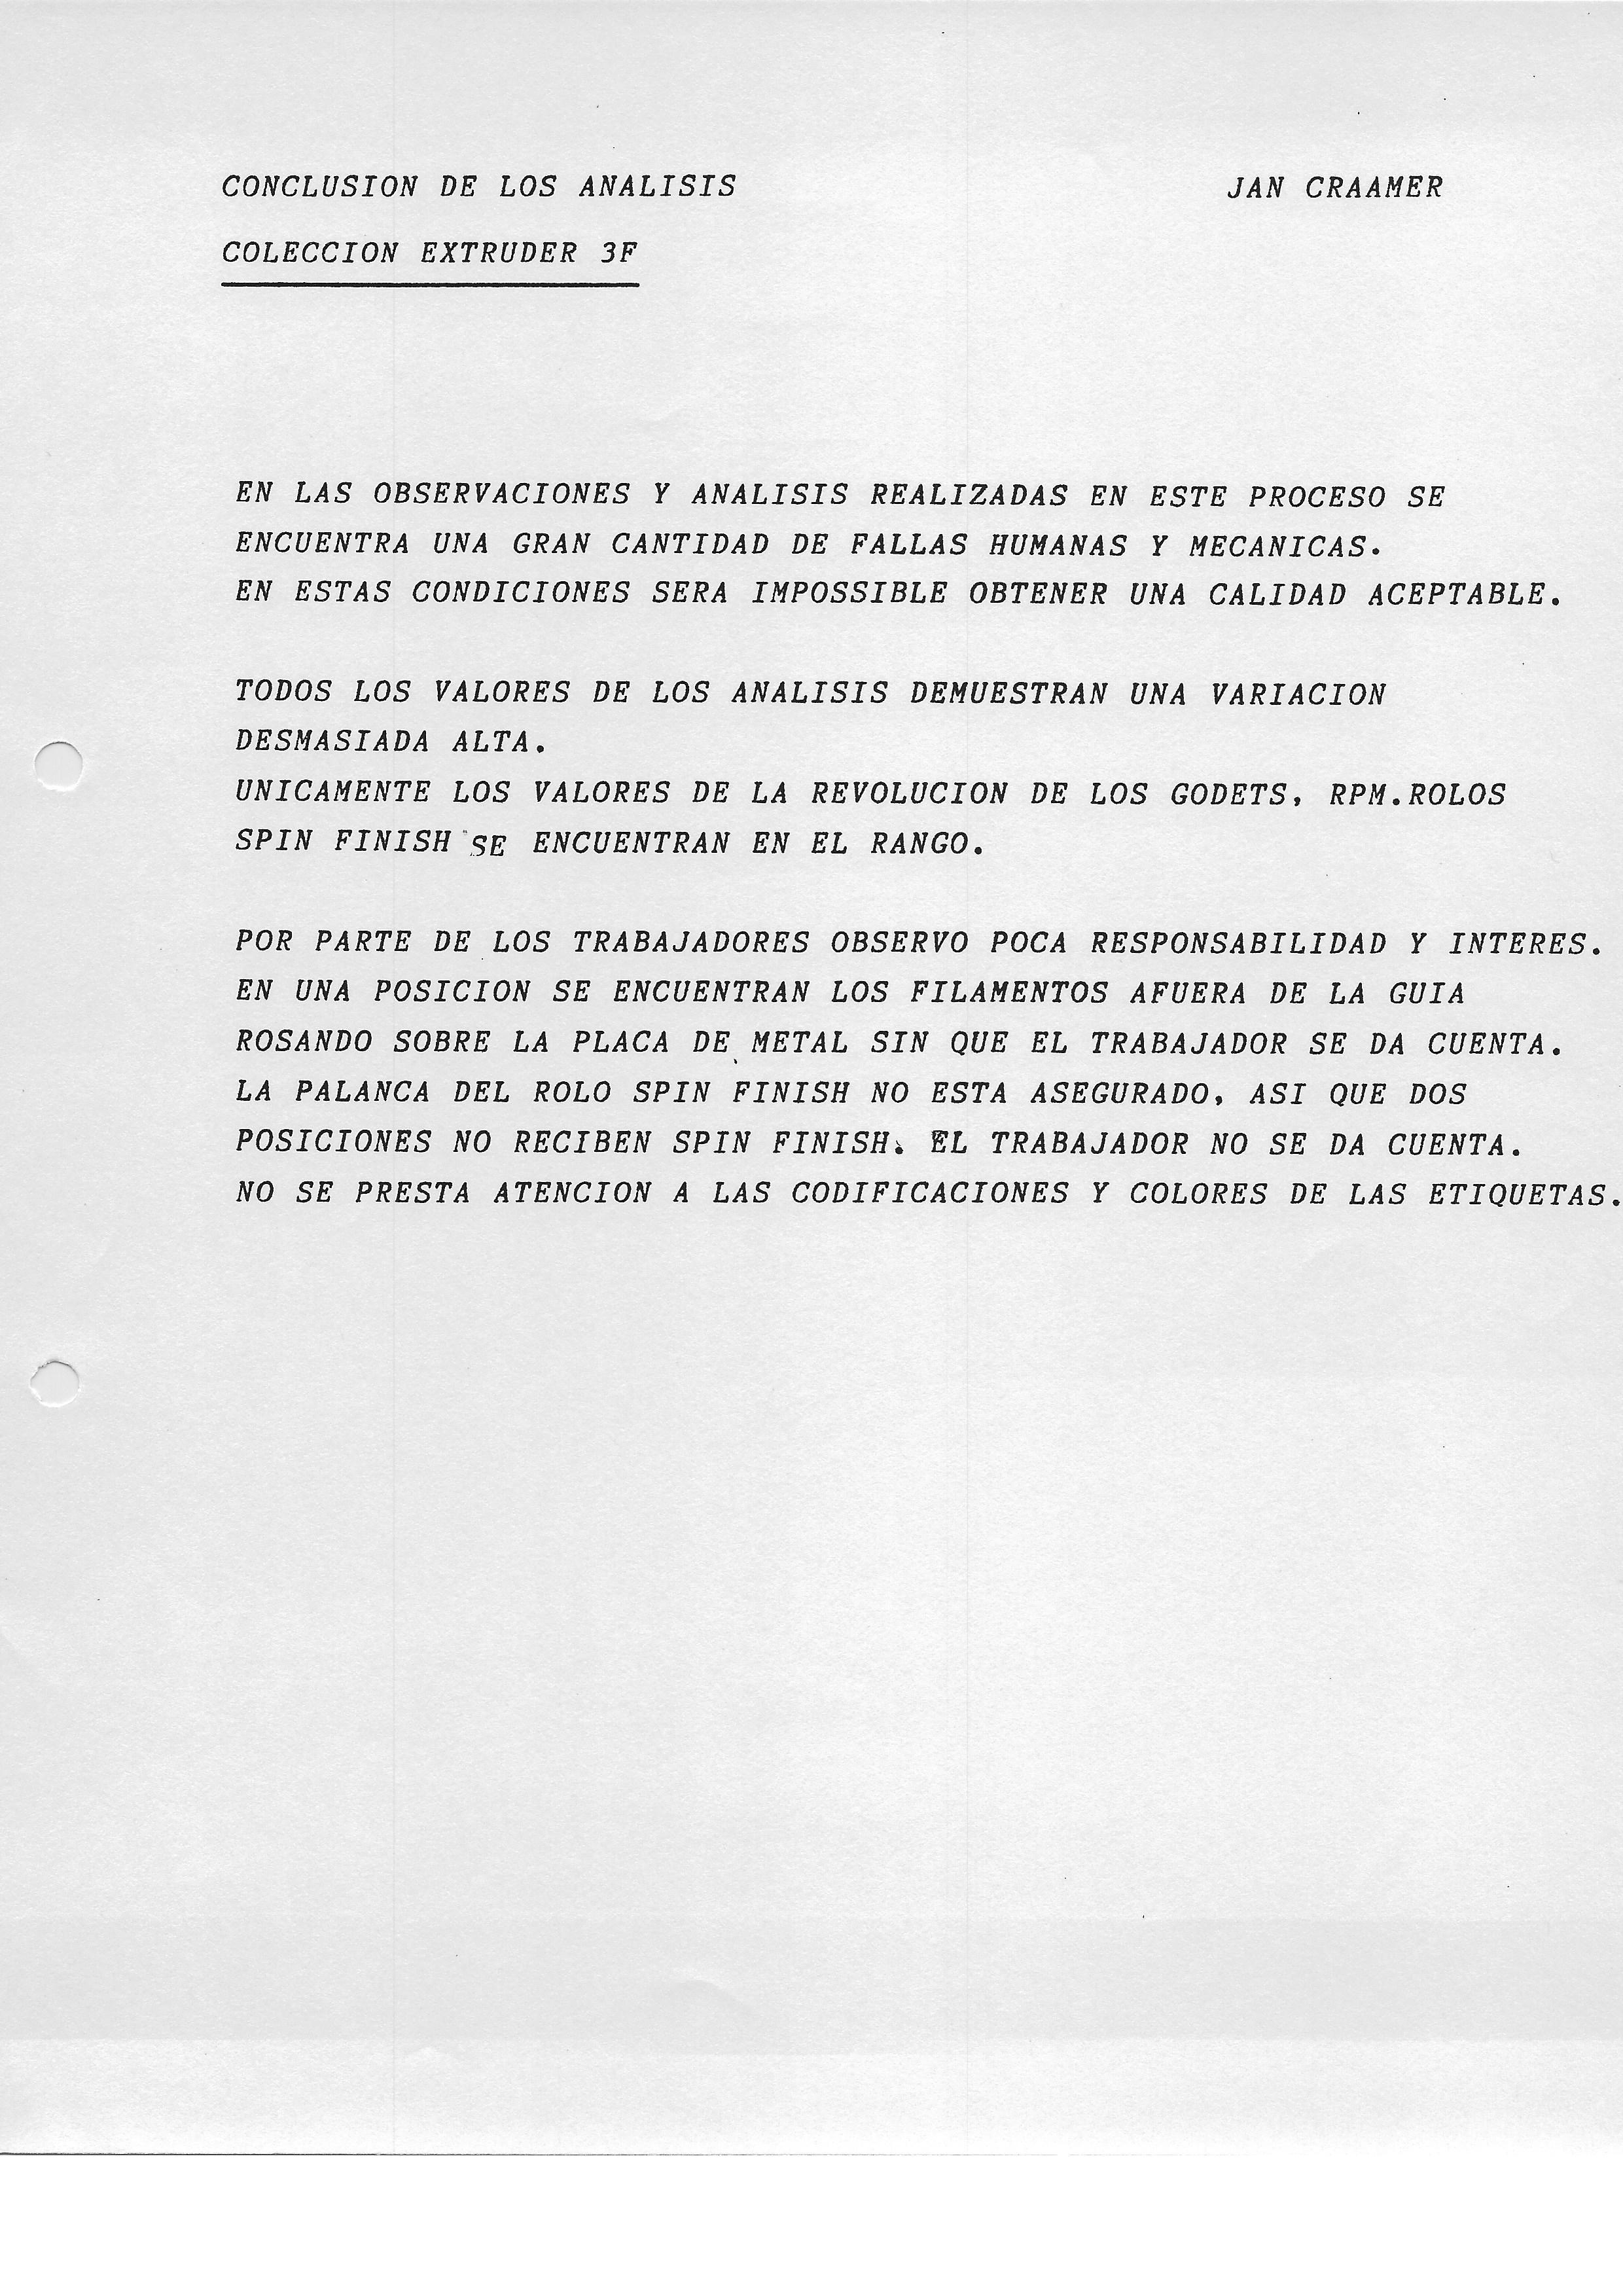 BFC-conclusion [7]